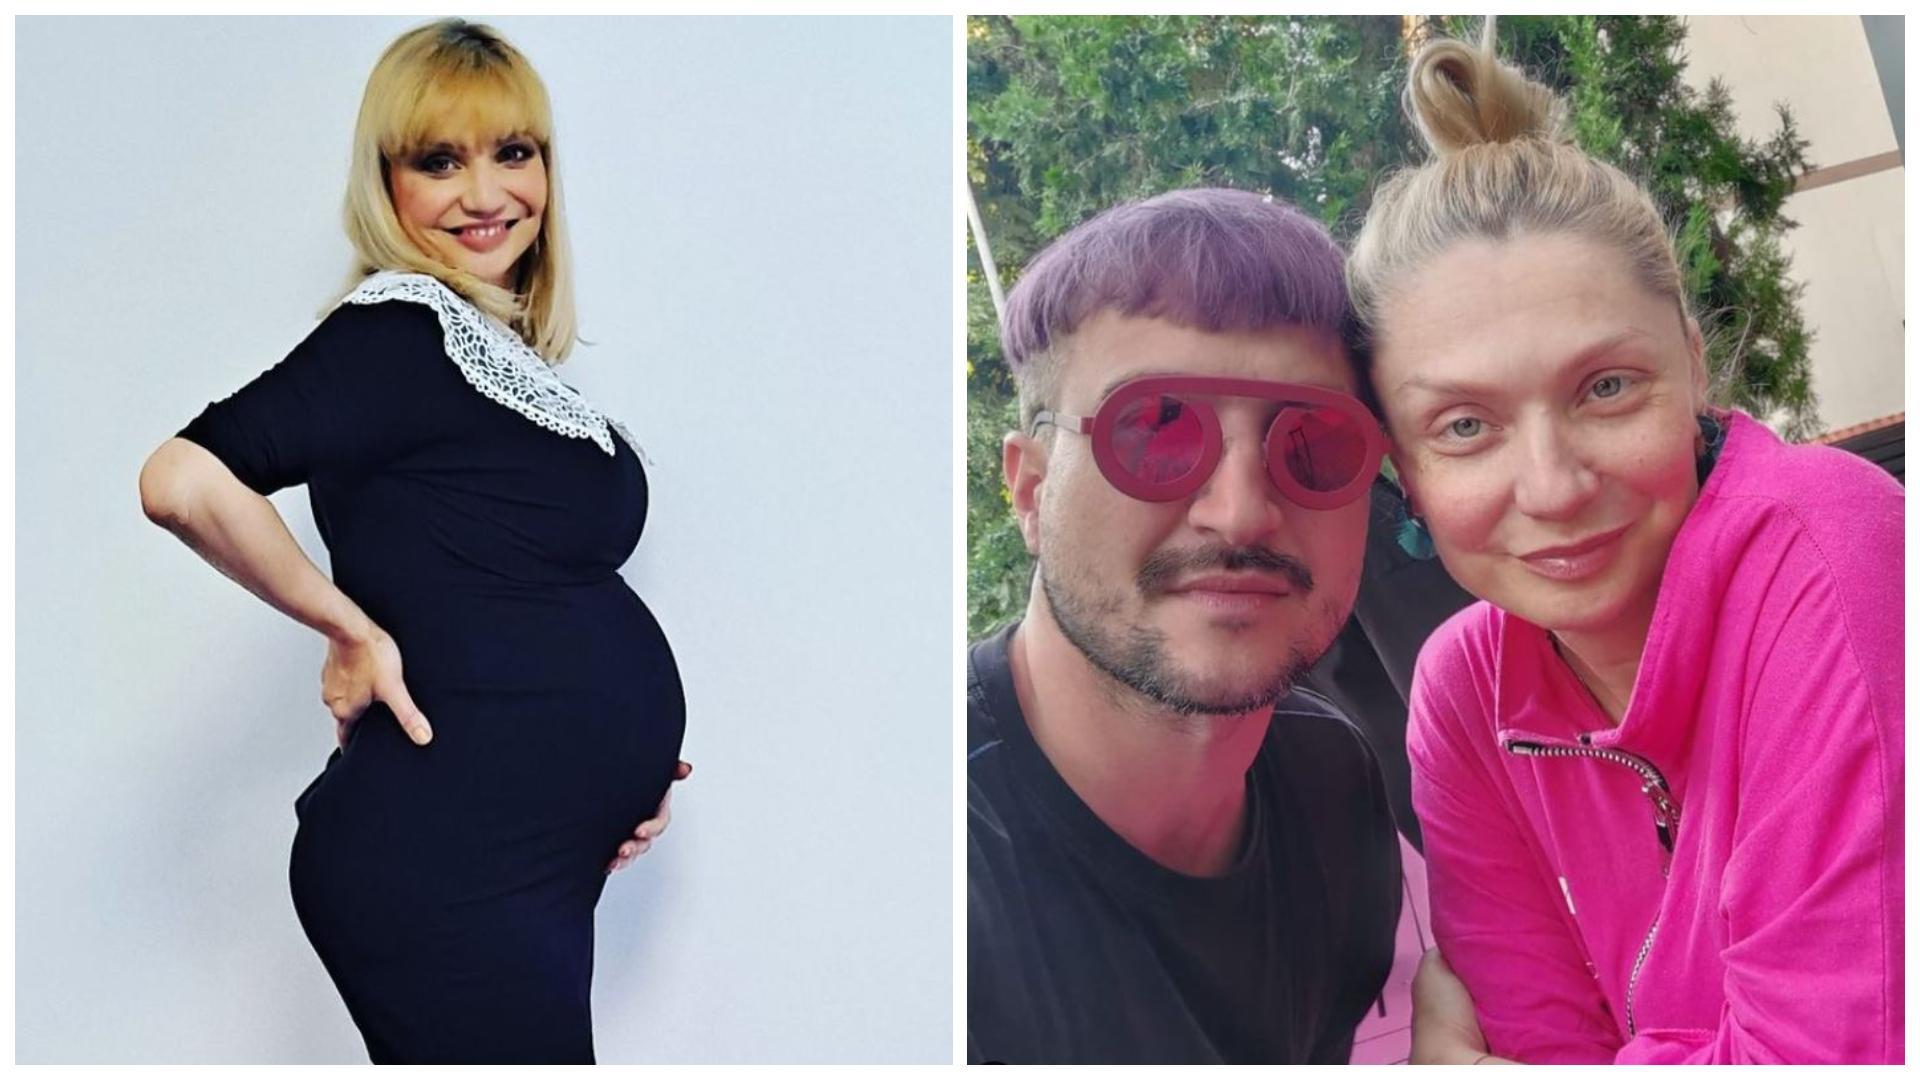 Cristina Cioran și-a adus fetița acasă după ce a născut prematur în urmă cu o lună. Cum și-a filmat micuța în pătuț